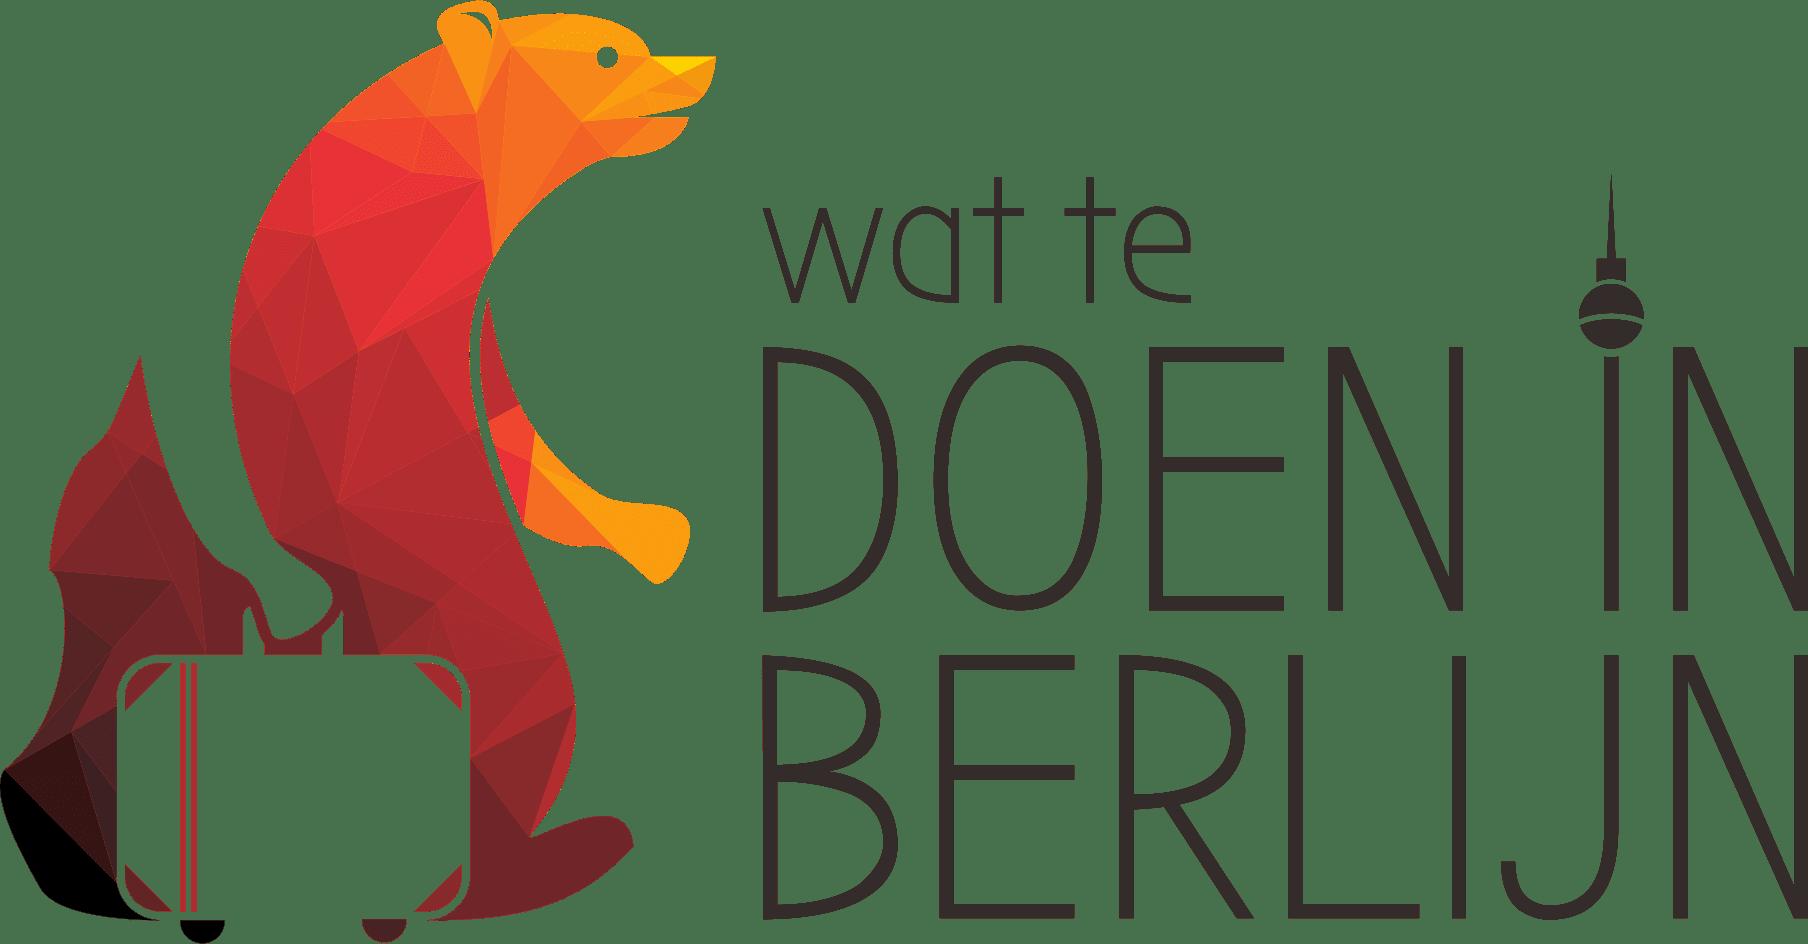 Wattedoeninberlijn.nl - Berlijntips, rondleidingen, handige info en boeiende verhalen van een Nederlandse in Berlijn